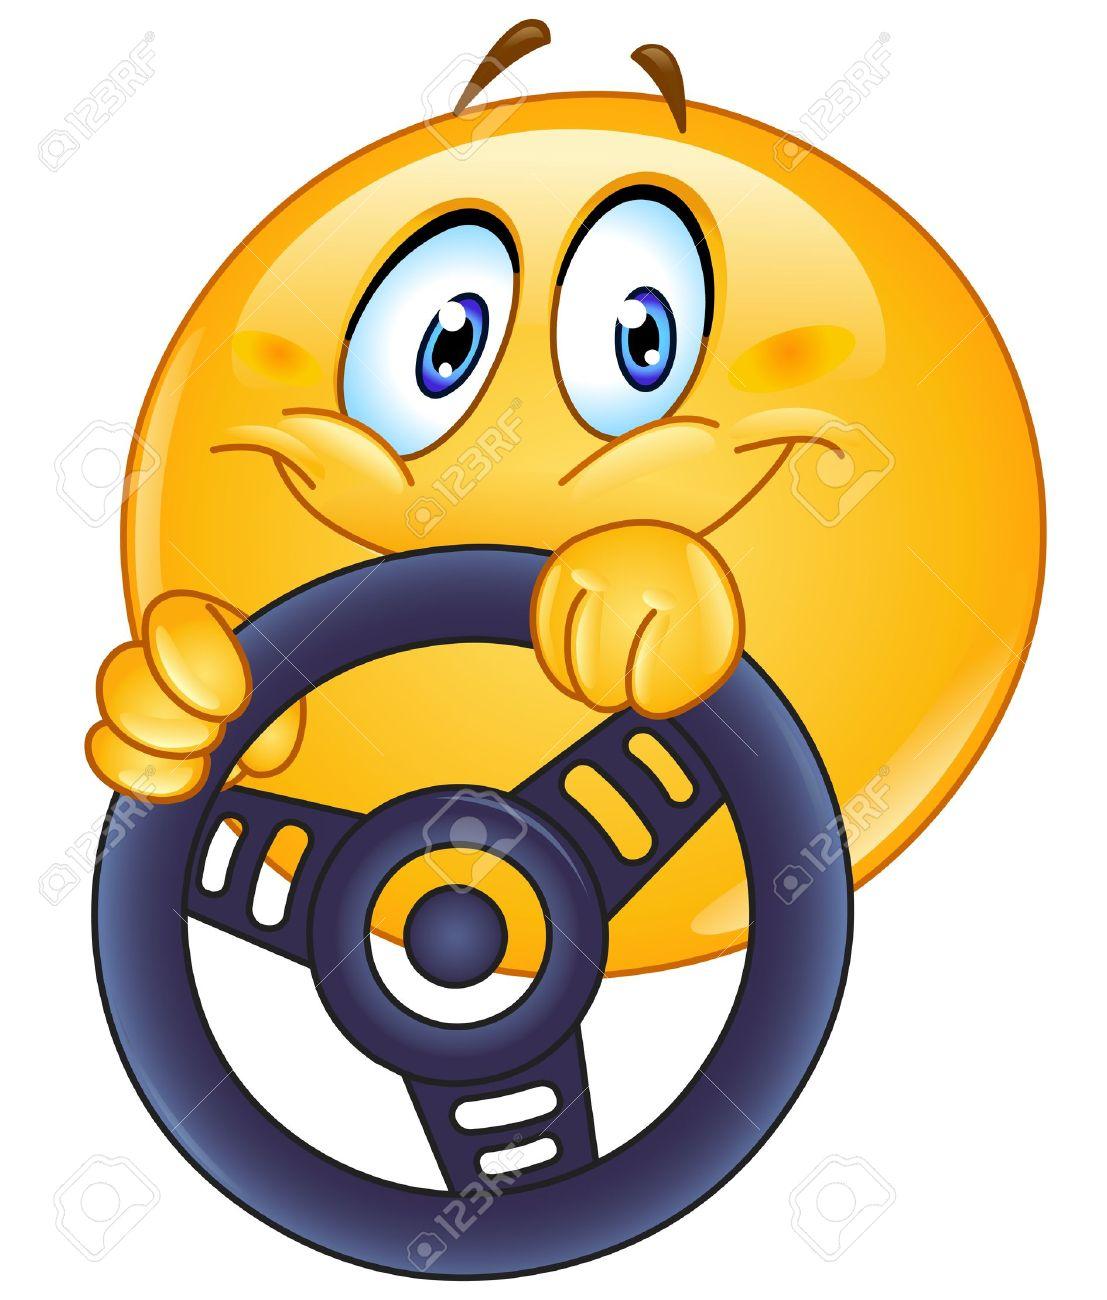 Image result for driver emoji